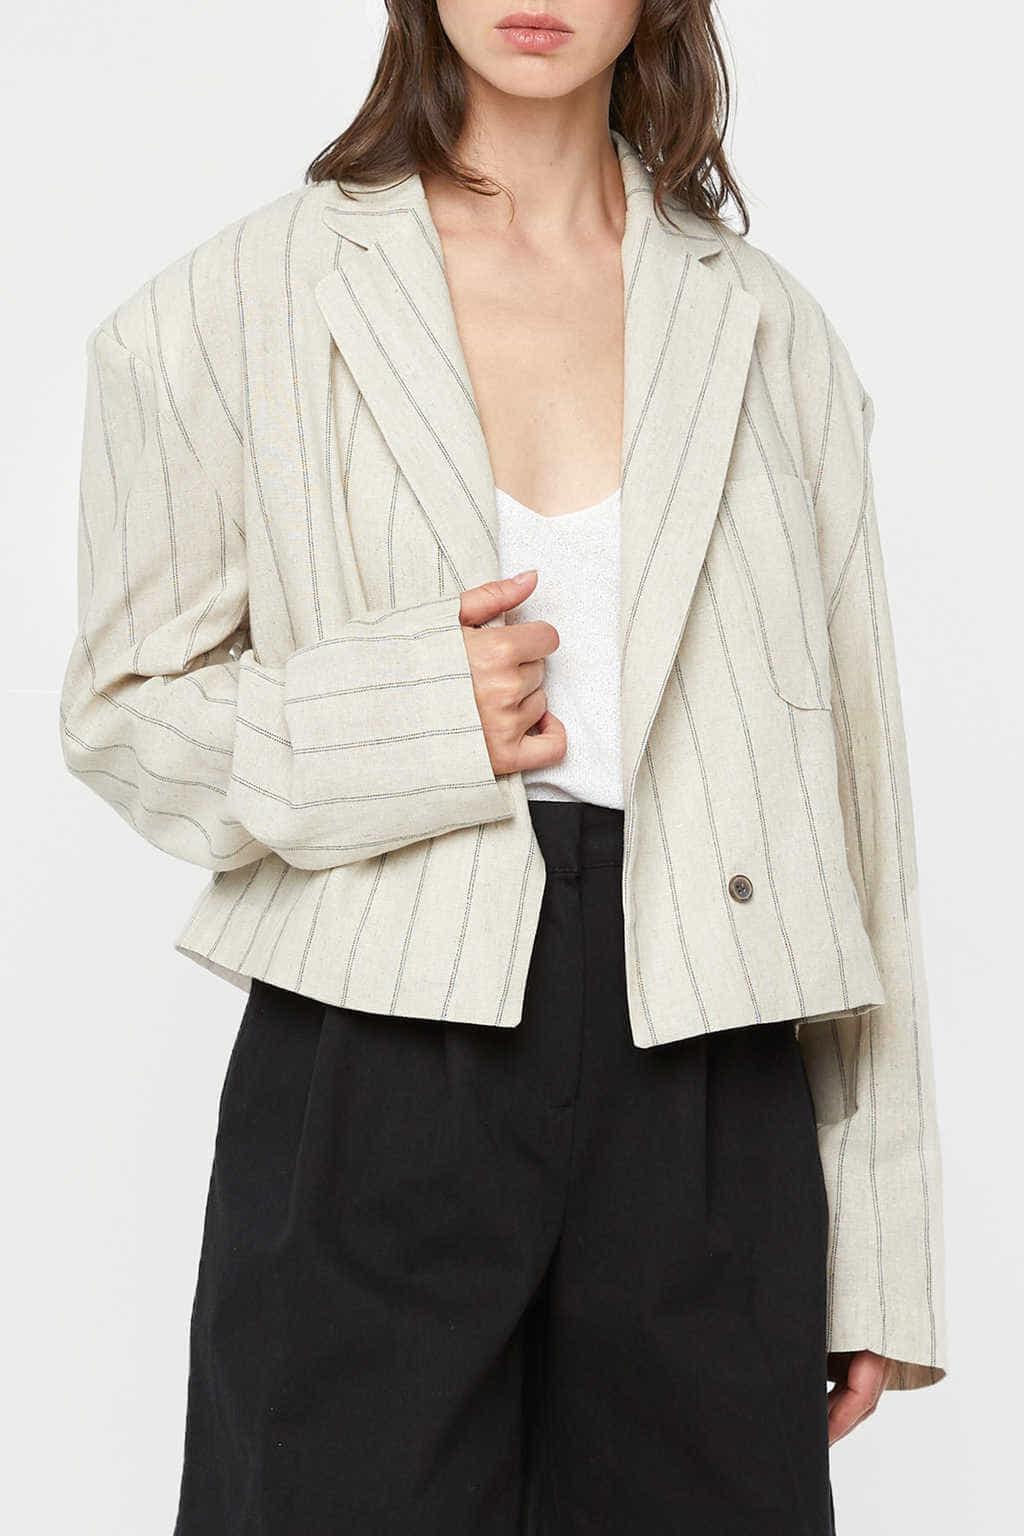 Jacket K006 Beige 3